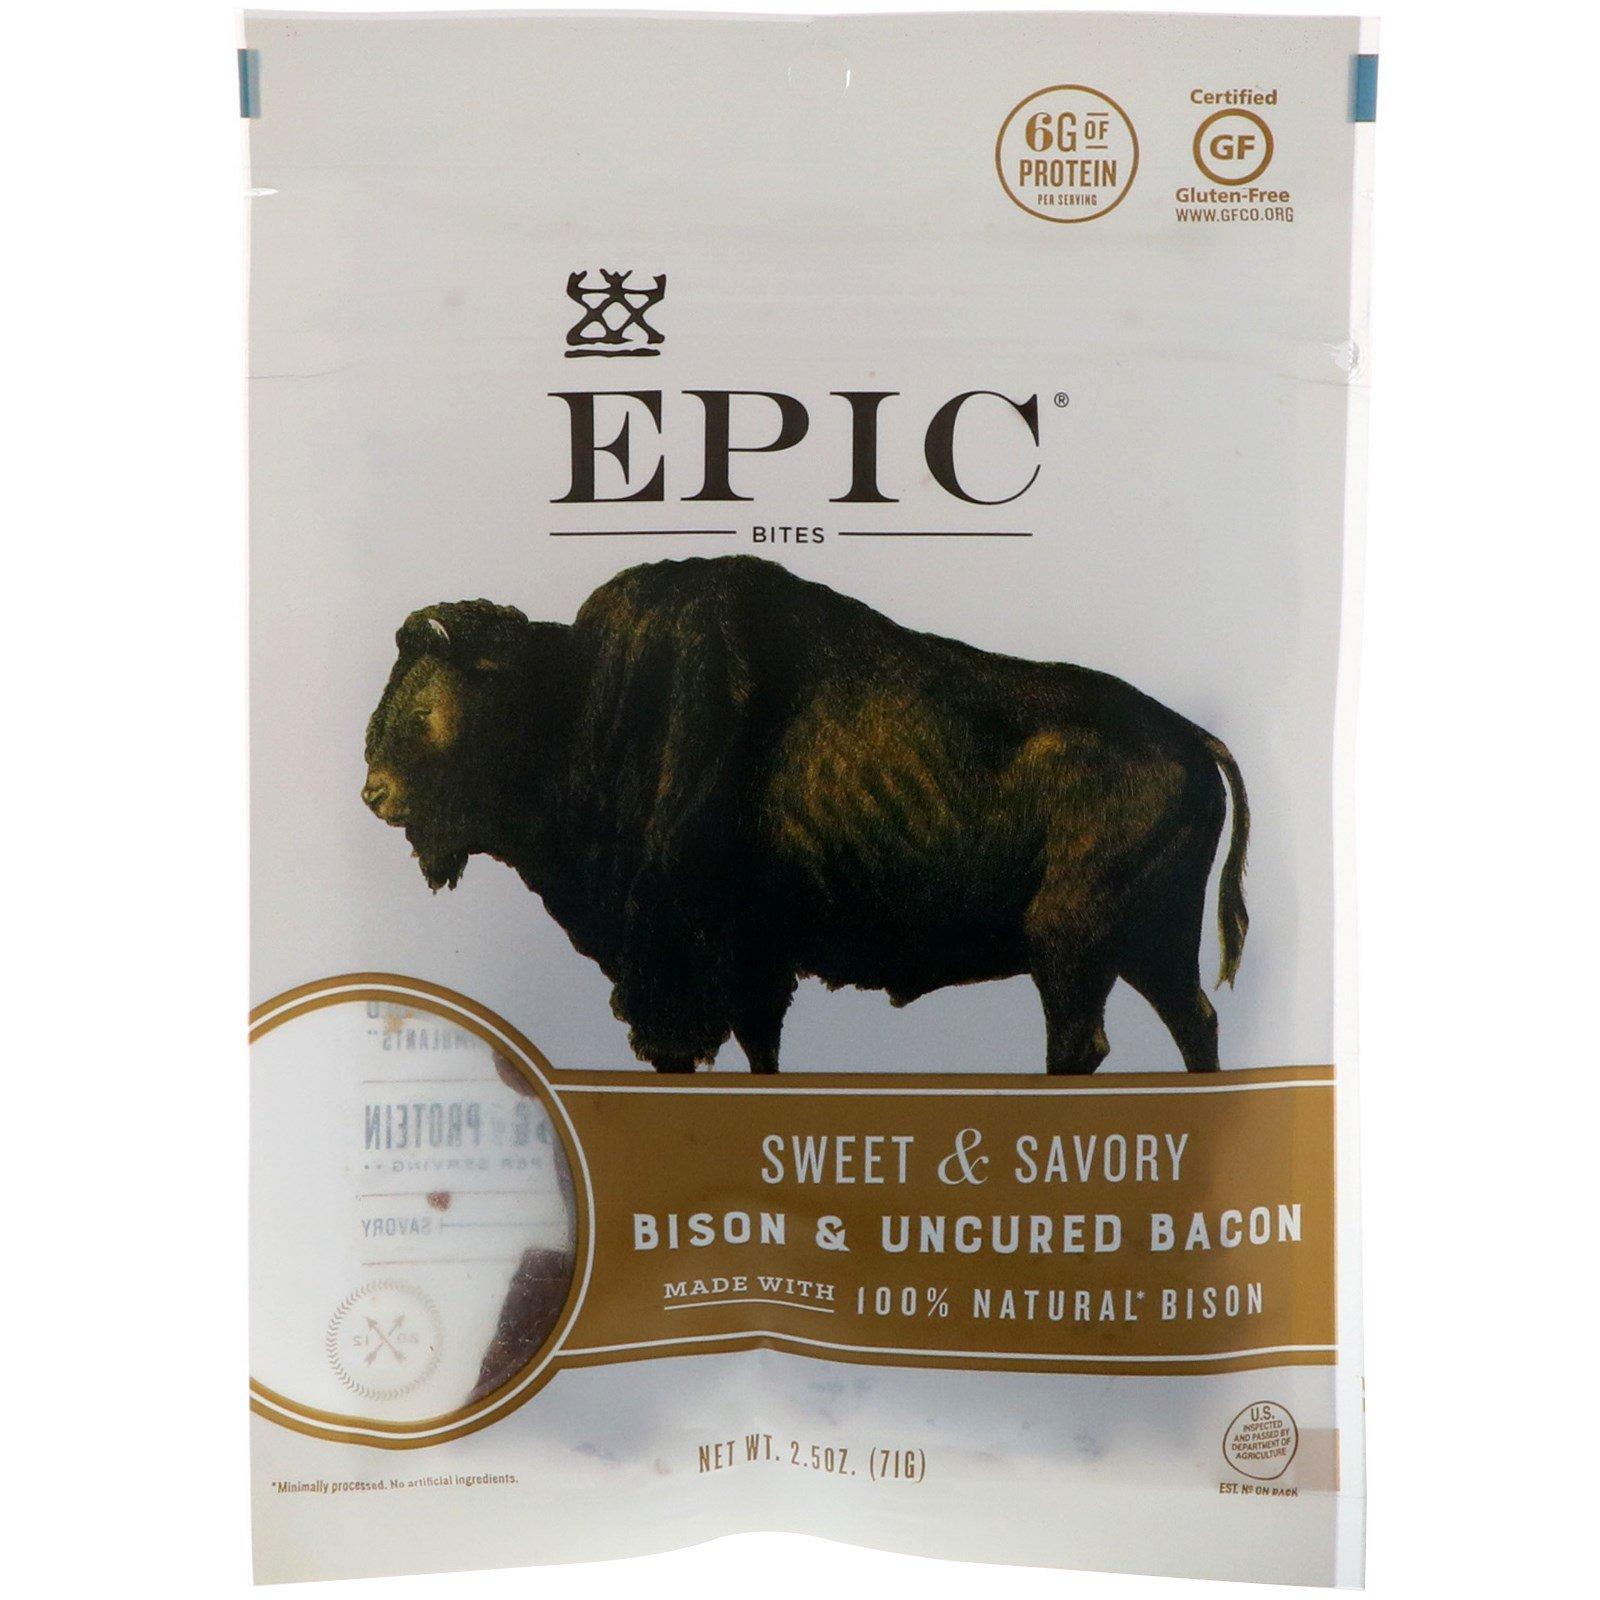 Epic Bar, Bites, Bison & Uncured Bacon